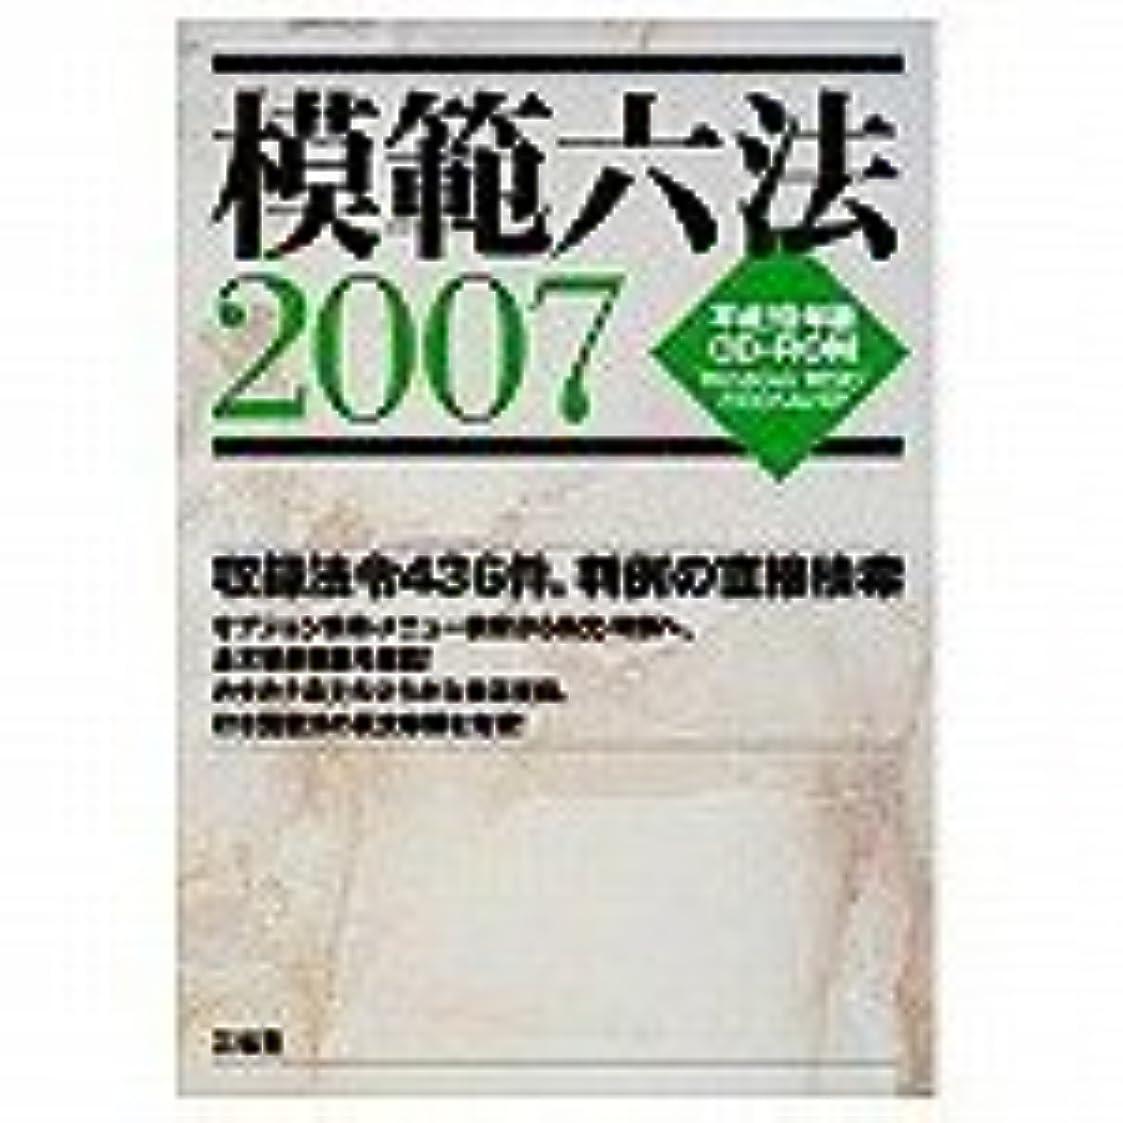 出口悪の涙模範六法2007 平成19年版 CD-ROM